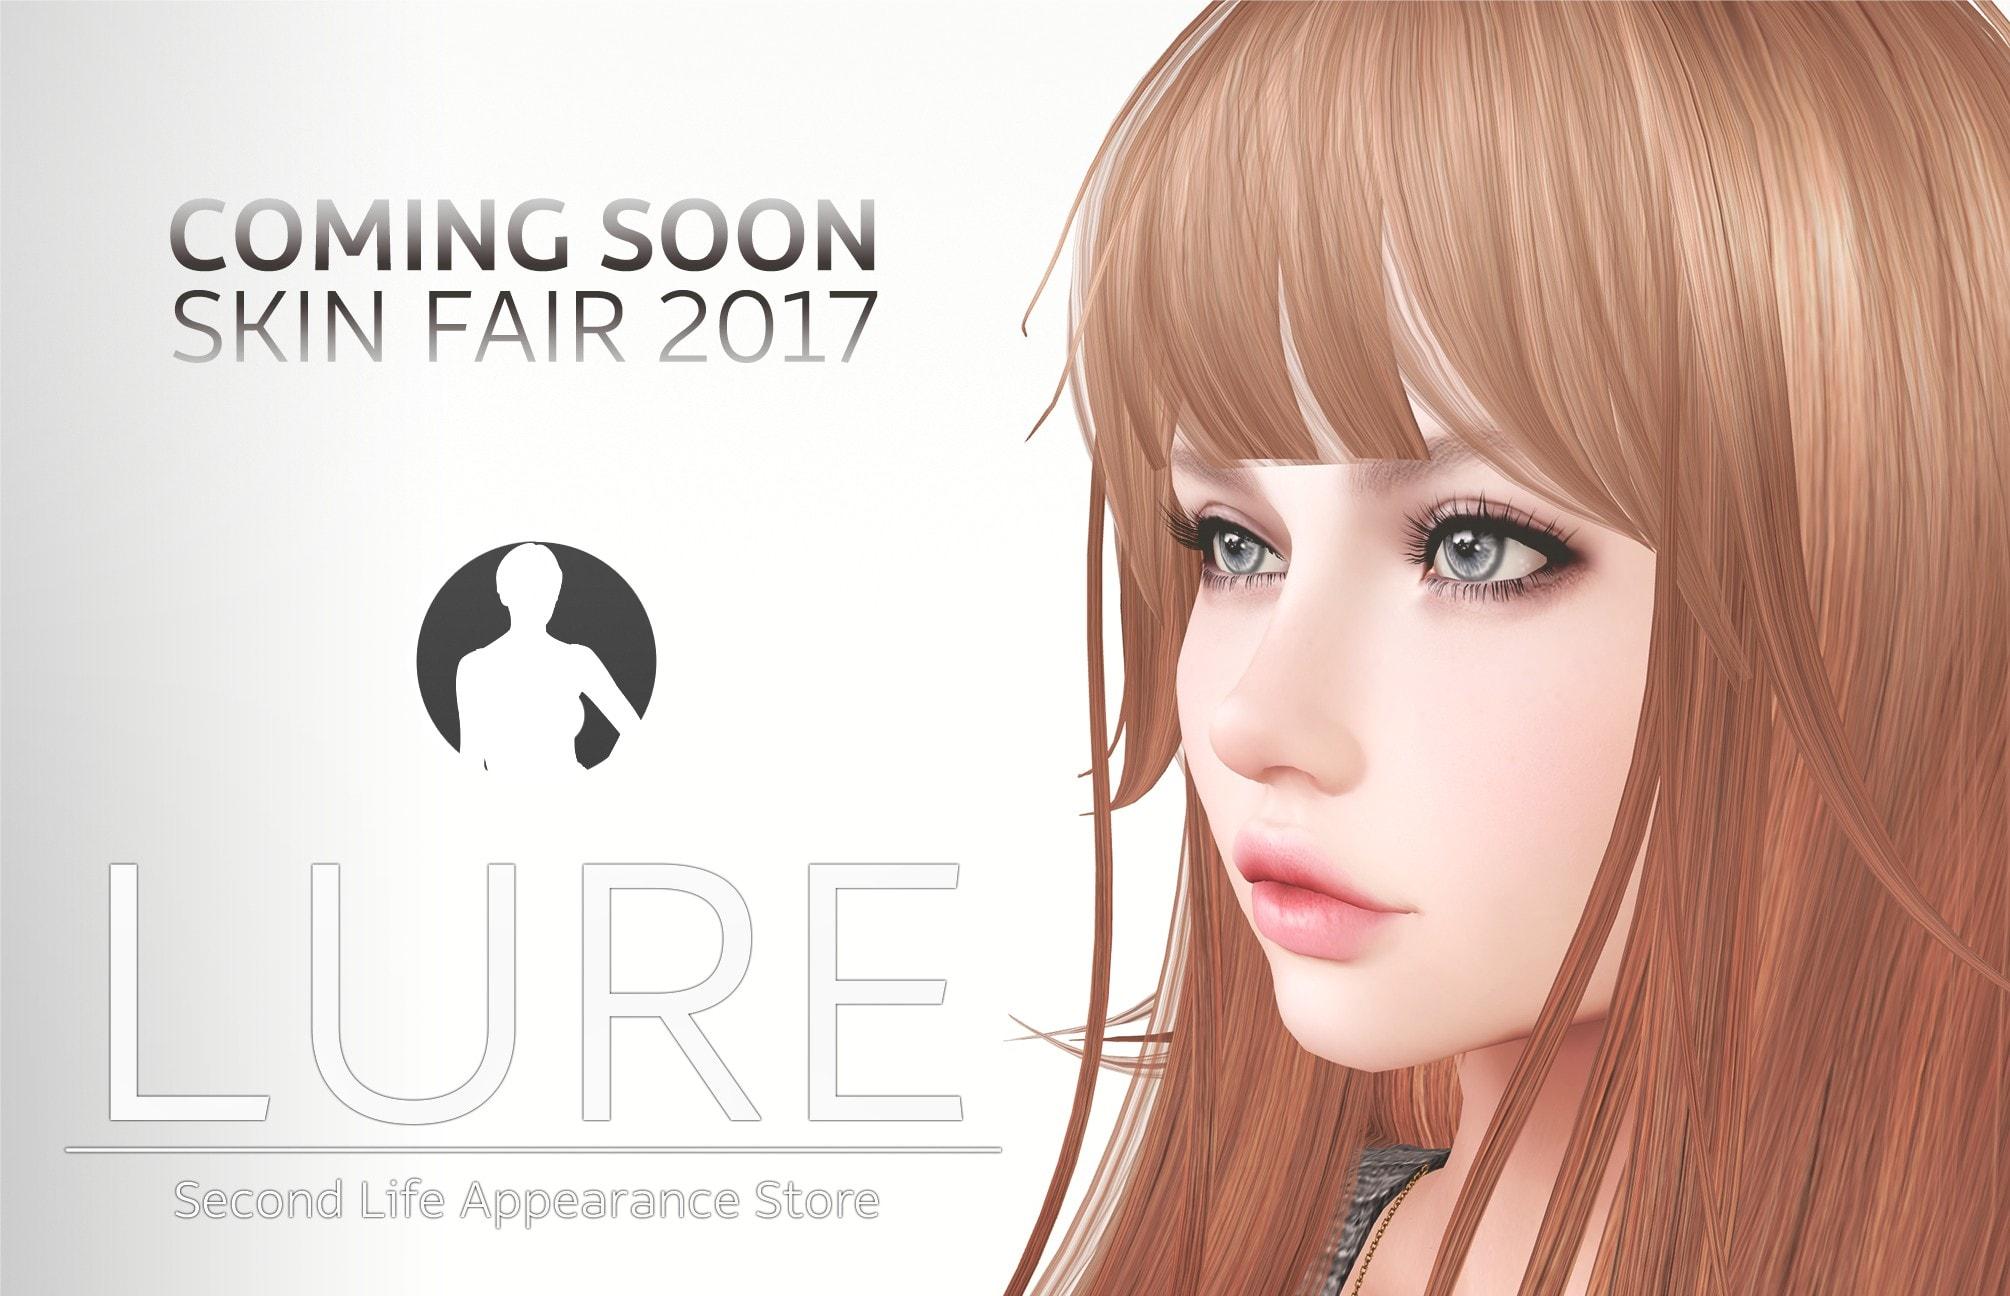 LURE: Skin Fair 2017 Emily Teaser